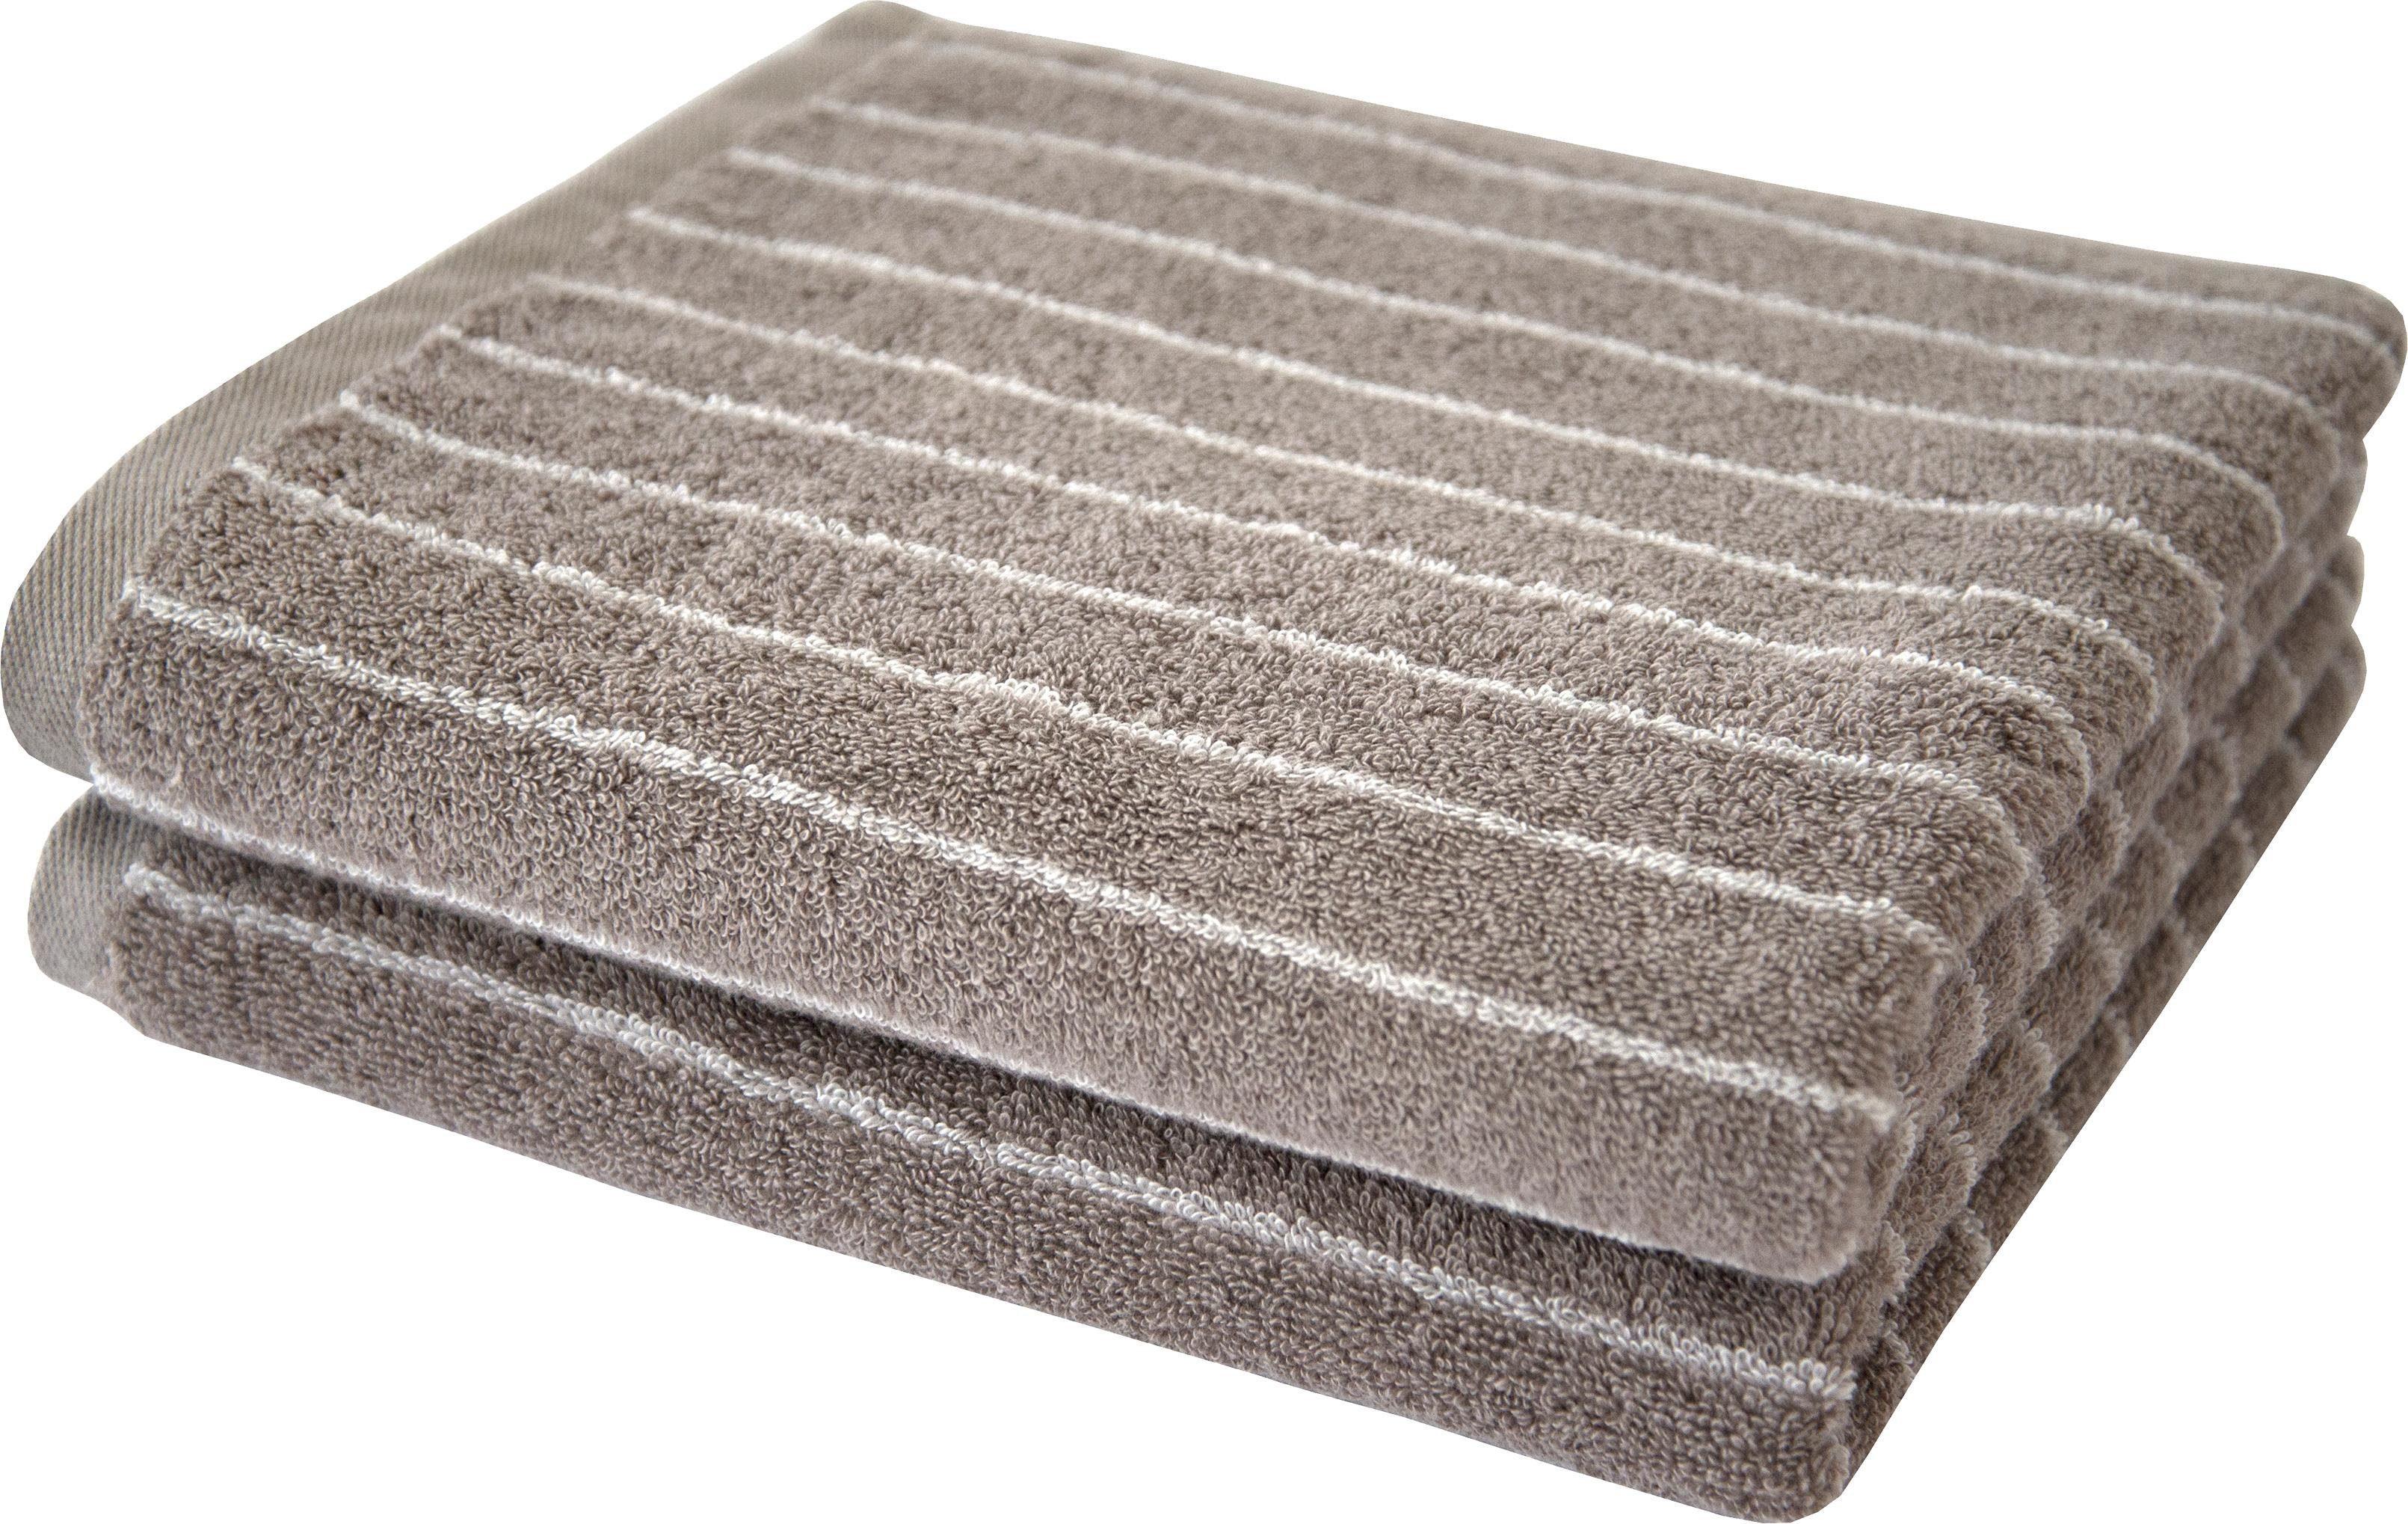 Handtücher »Nadelstreifen«, Dyckhoff, mit eingewebten Nadelstreifen